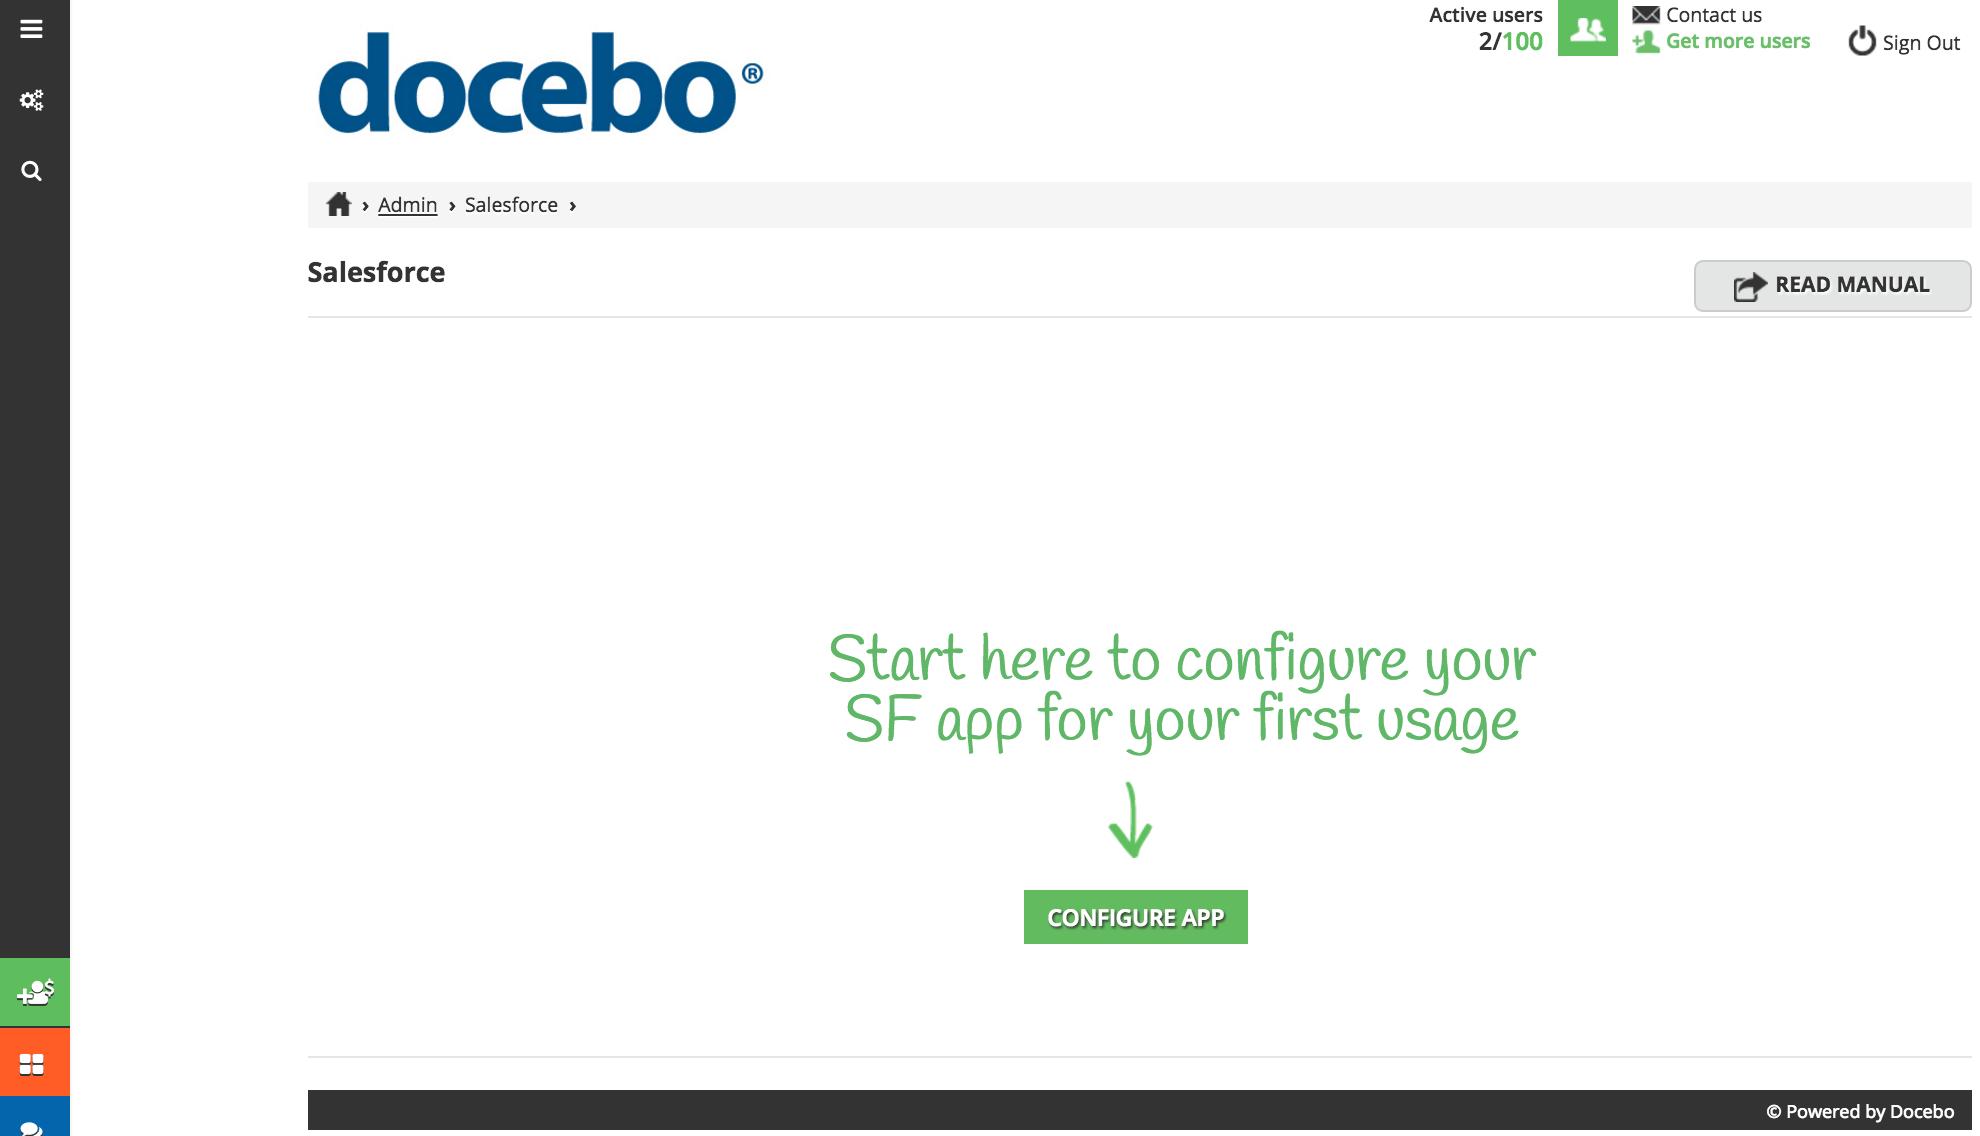 configure app buton